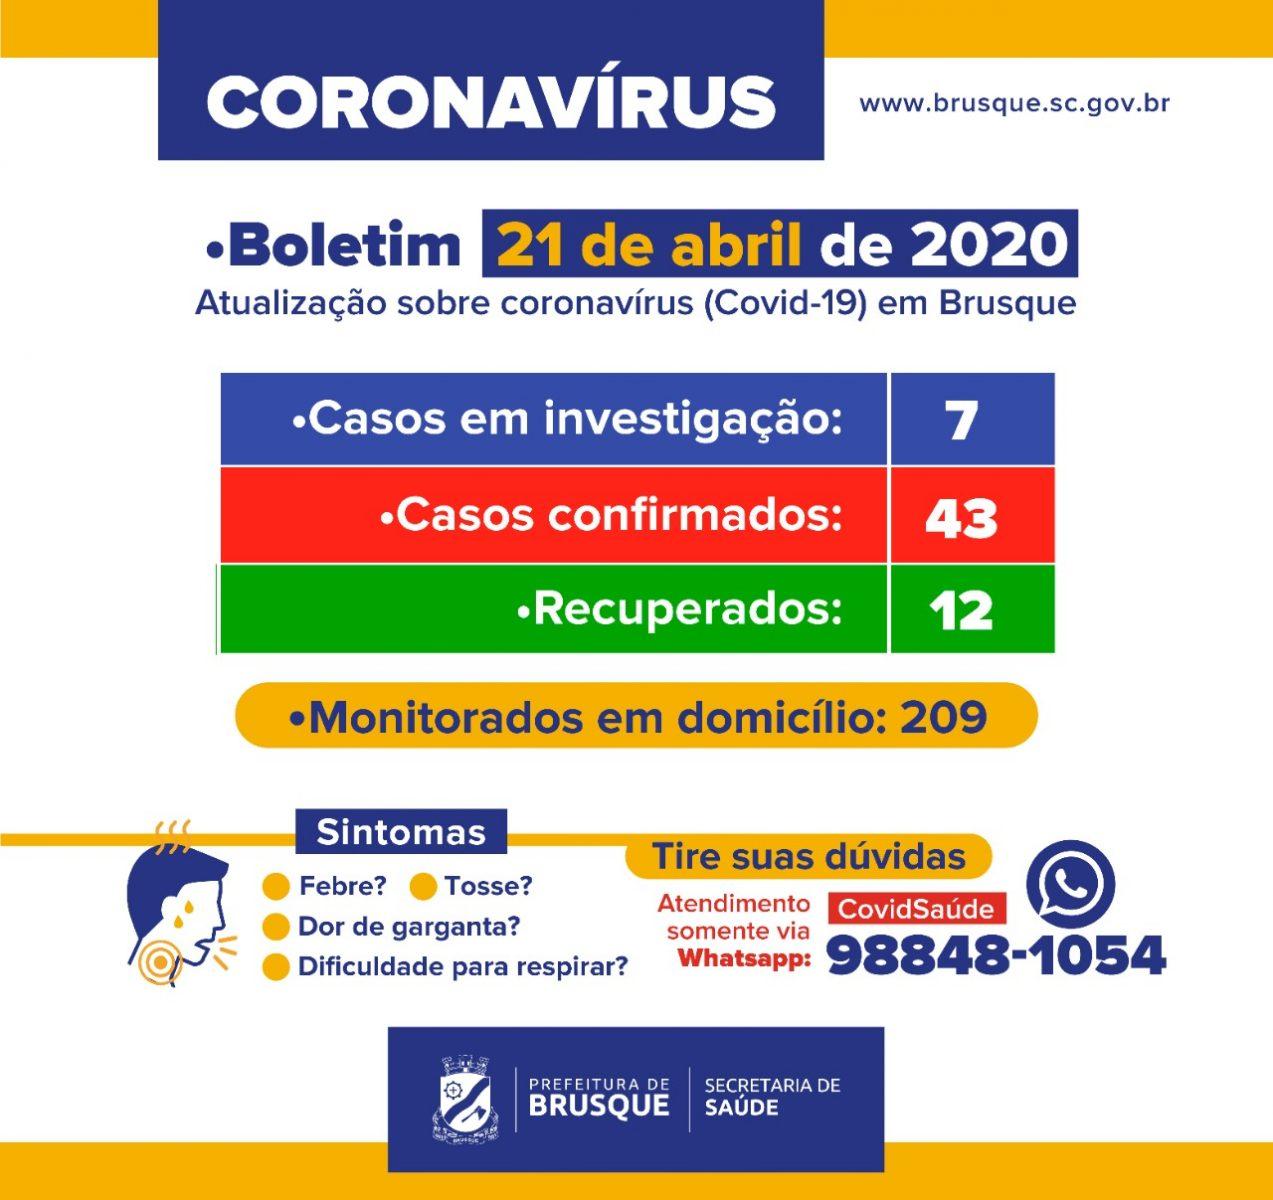 43 casos confirmados de coronavírus em Brusque